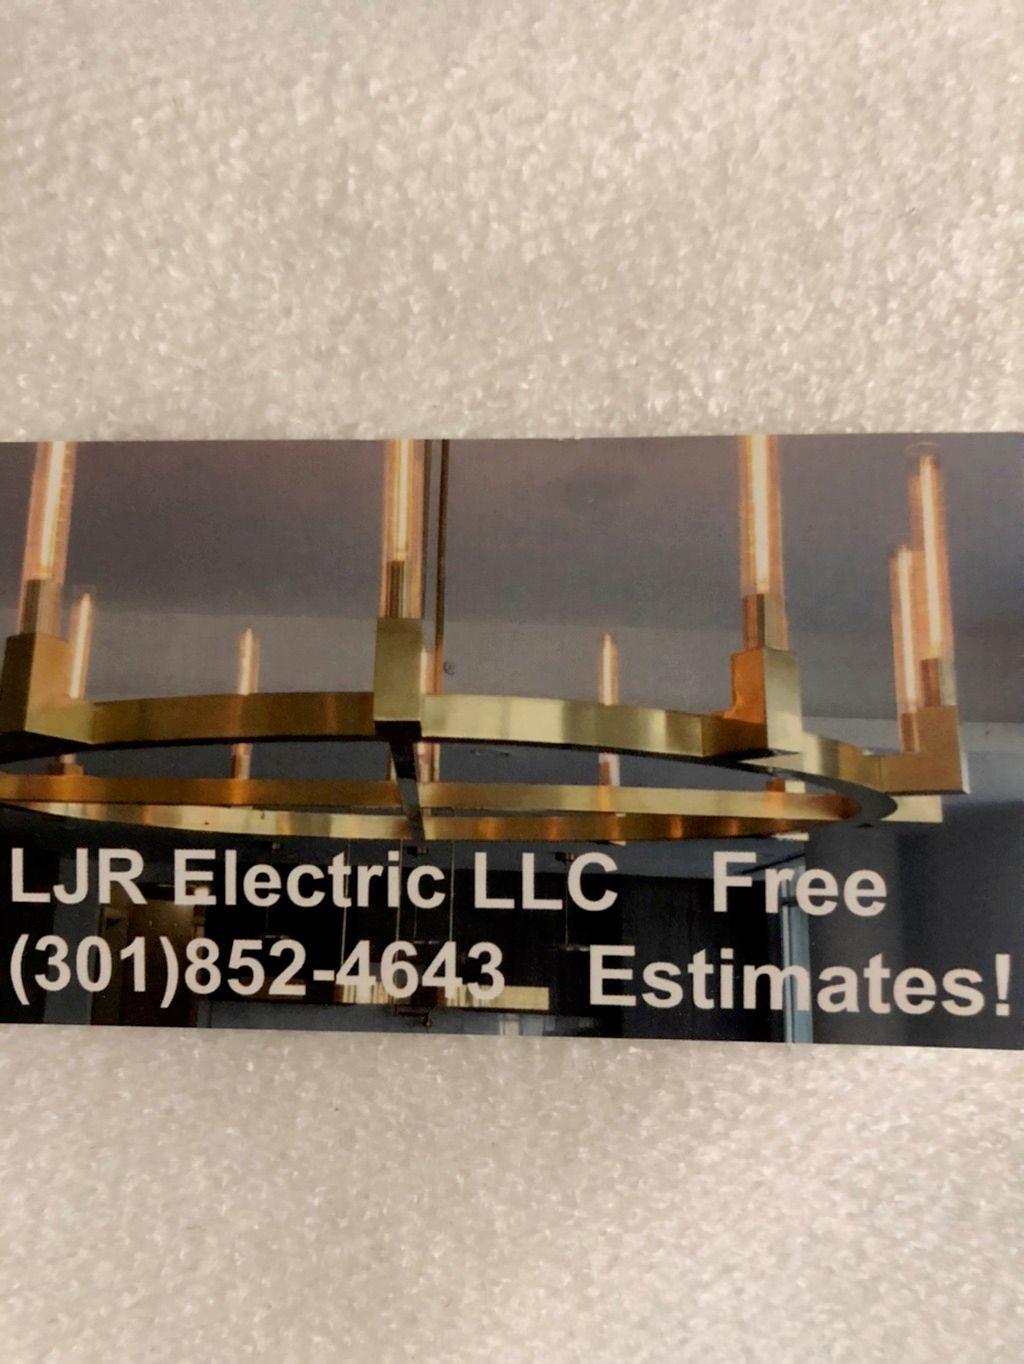 LJR electric